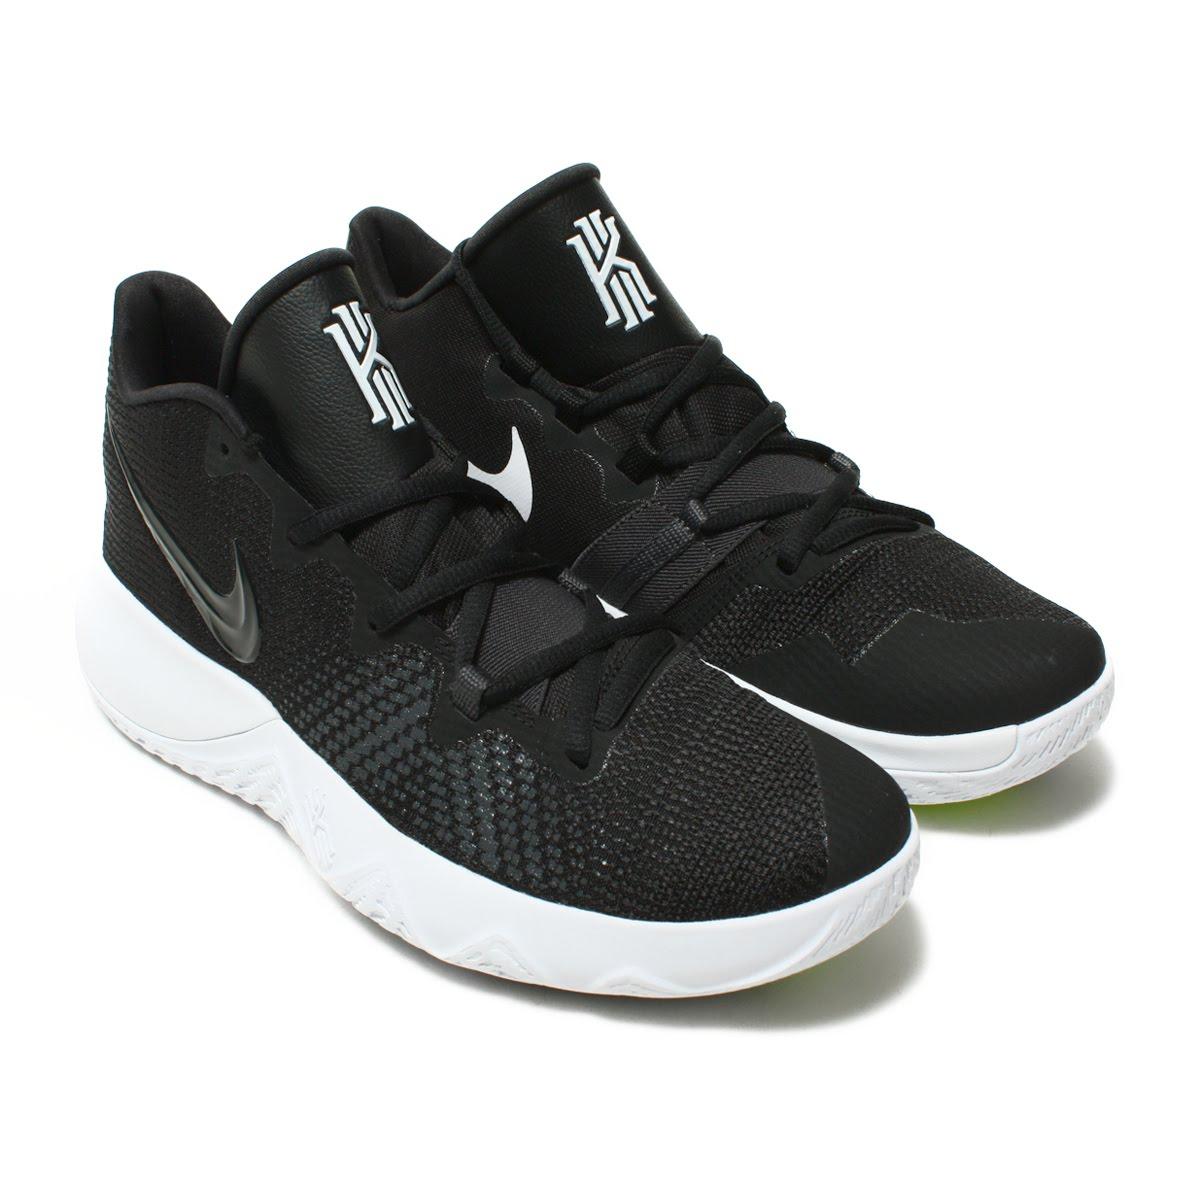 d9fa6636bbf5 NIKE KYRIE FLYTRAP EP (Nike chi leaf light lap EP) BLACK BLACK-WHITE-VOLT  18SP-I